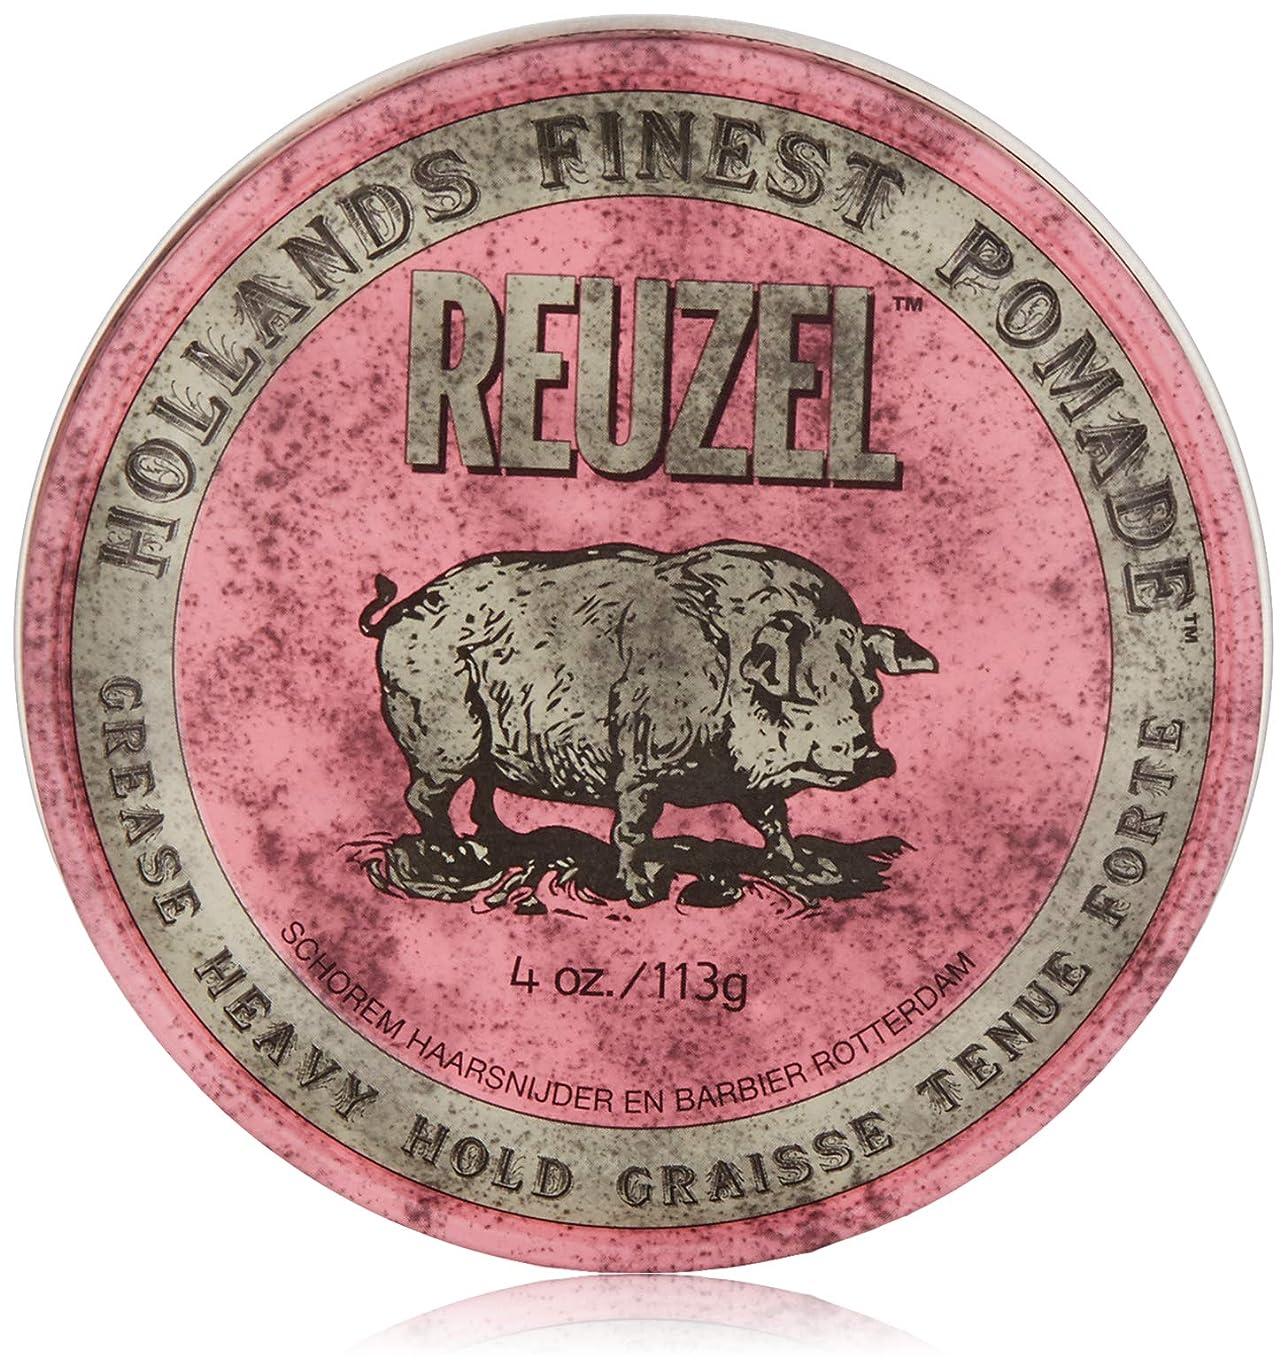 インド報奨金スカートReuzel Pink Grease Heavy Hold Pomade 4 oz/113g